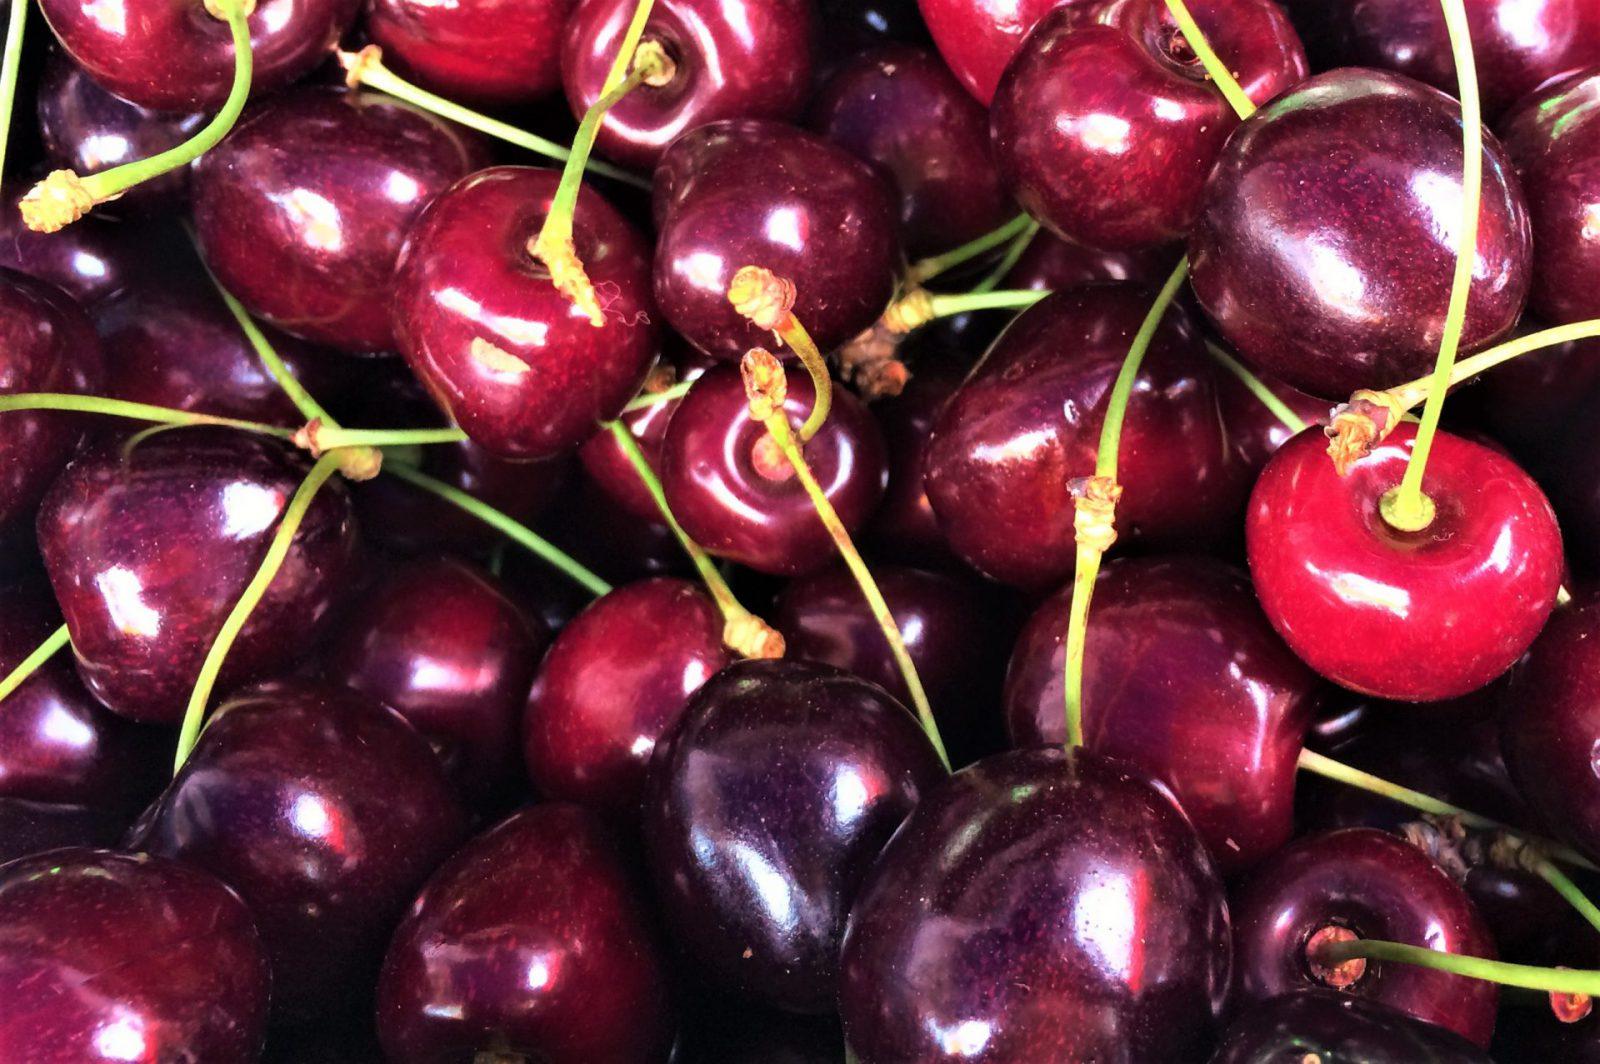 V sobotu 10. 7. na Náplavce – letní úroda, třešně, maliny, borůvky, jahody. K tomu skvělé občerstvení, káva, anebo maso na gril.